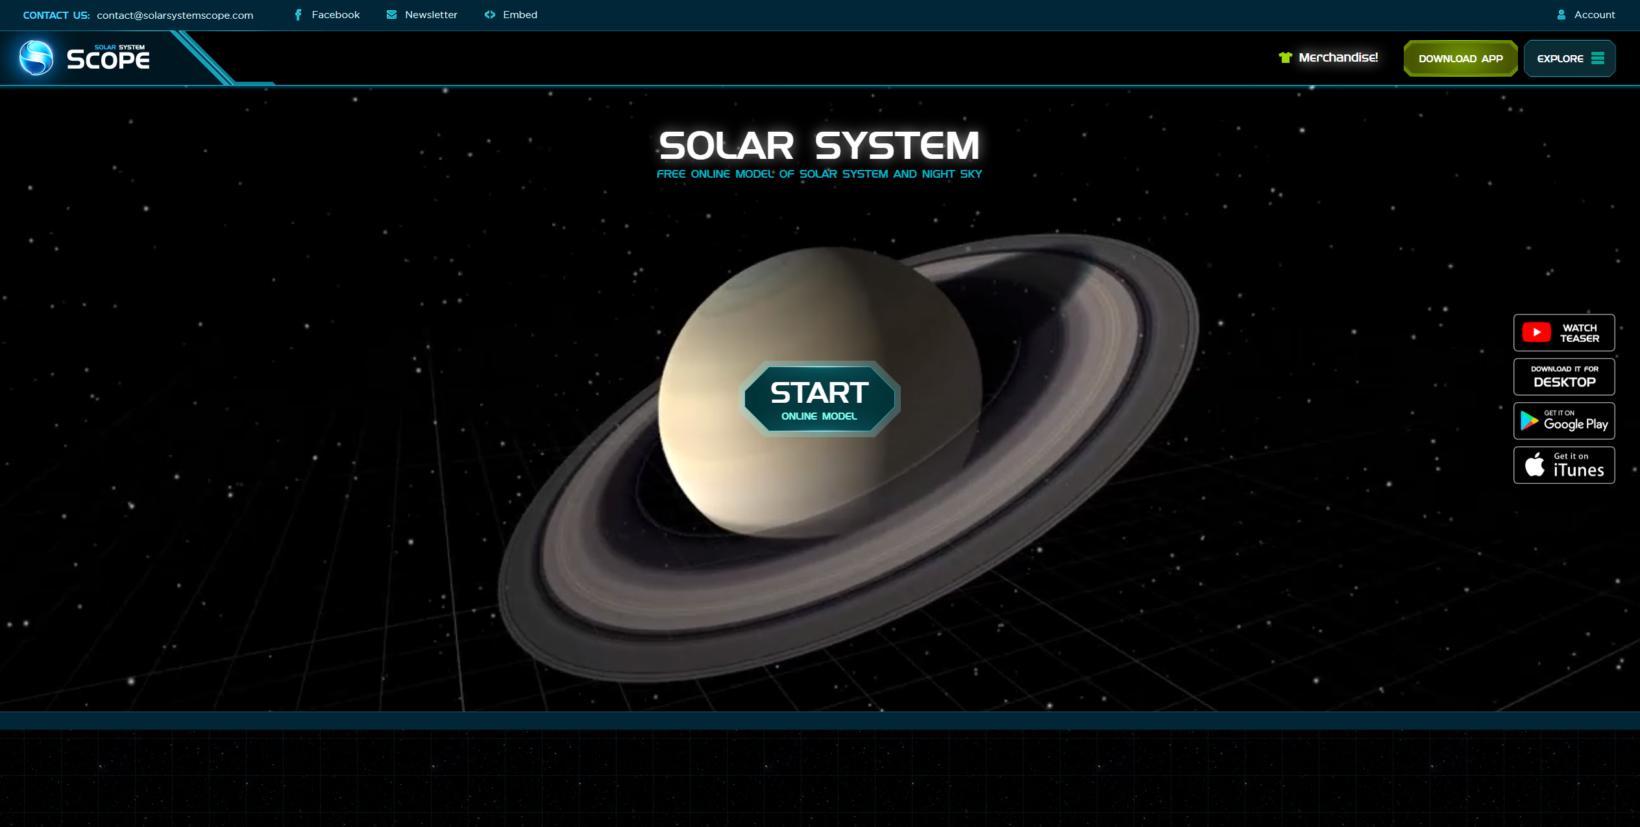 L'espace et les objets célestes comme terrain d'exploration